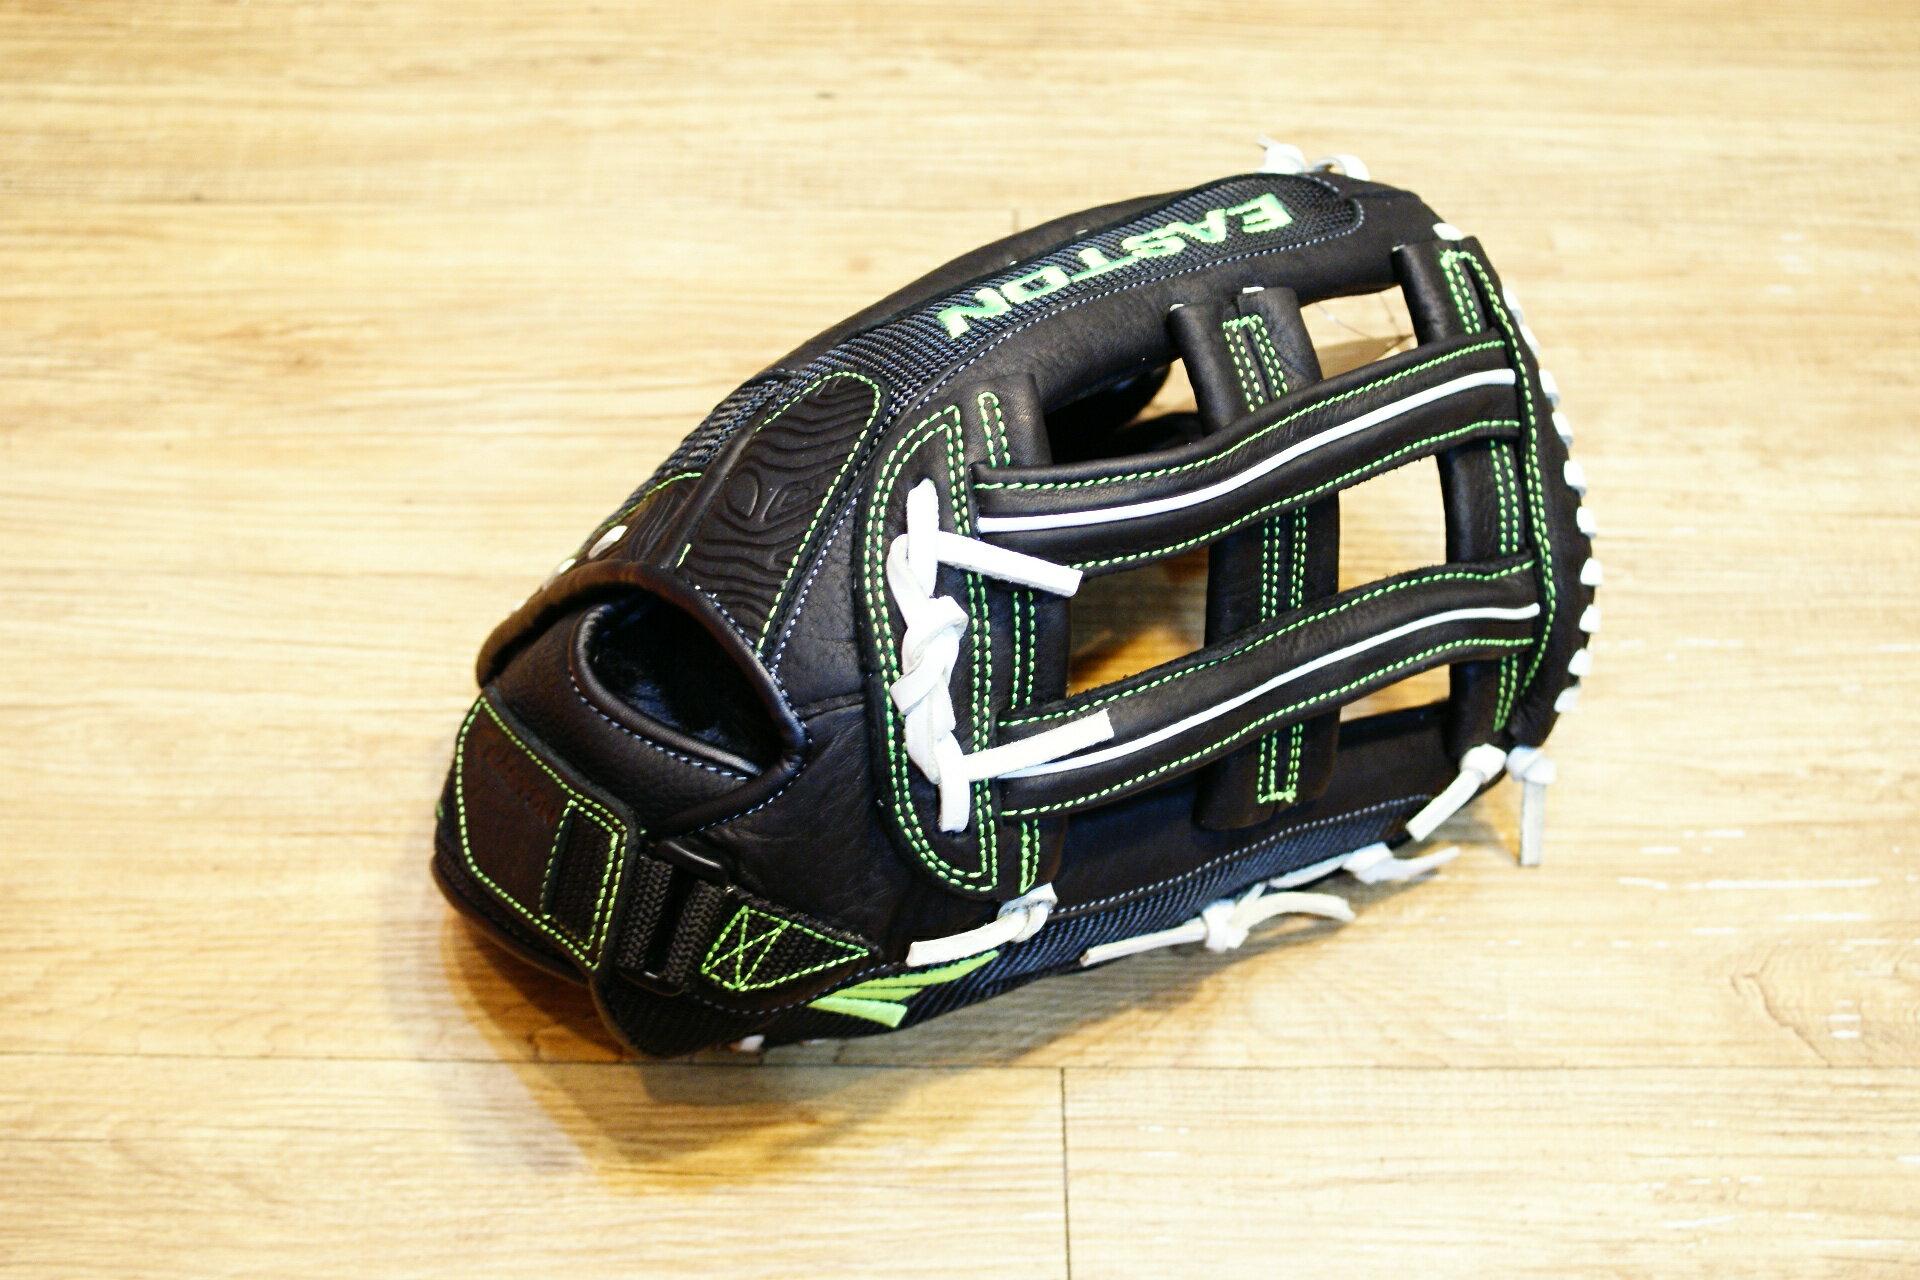 棒球世界 全新16年EASTON 美國進口超大牛皮外野手手套 特價 15吋